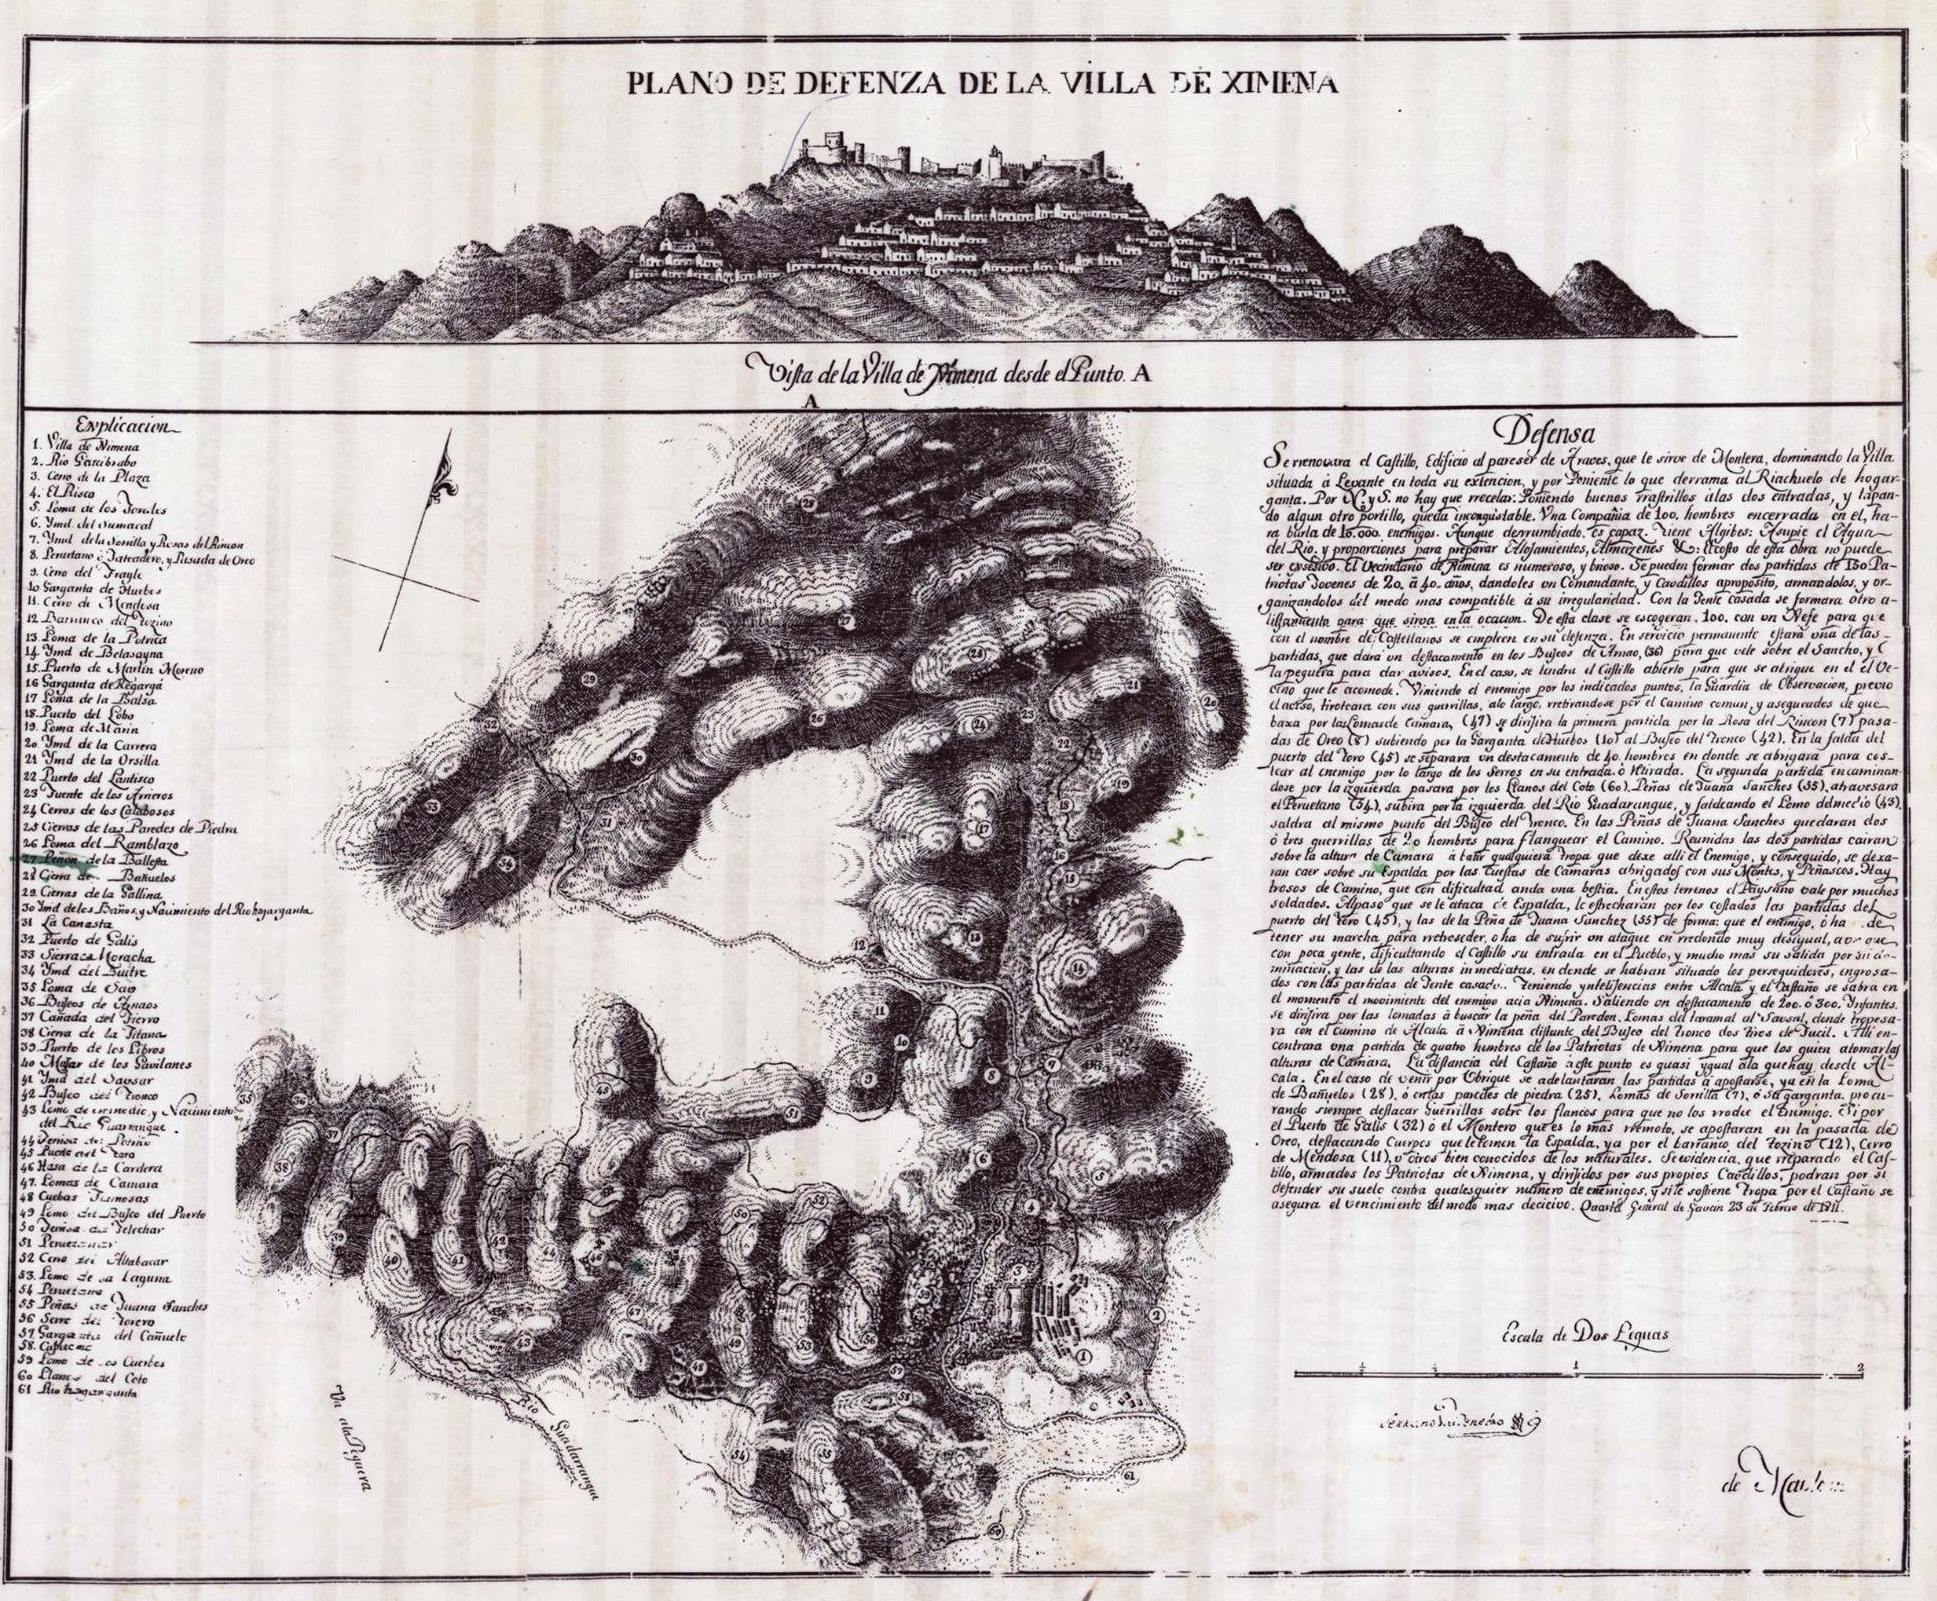 defensa-de-jimena-1810-global